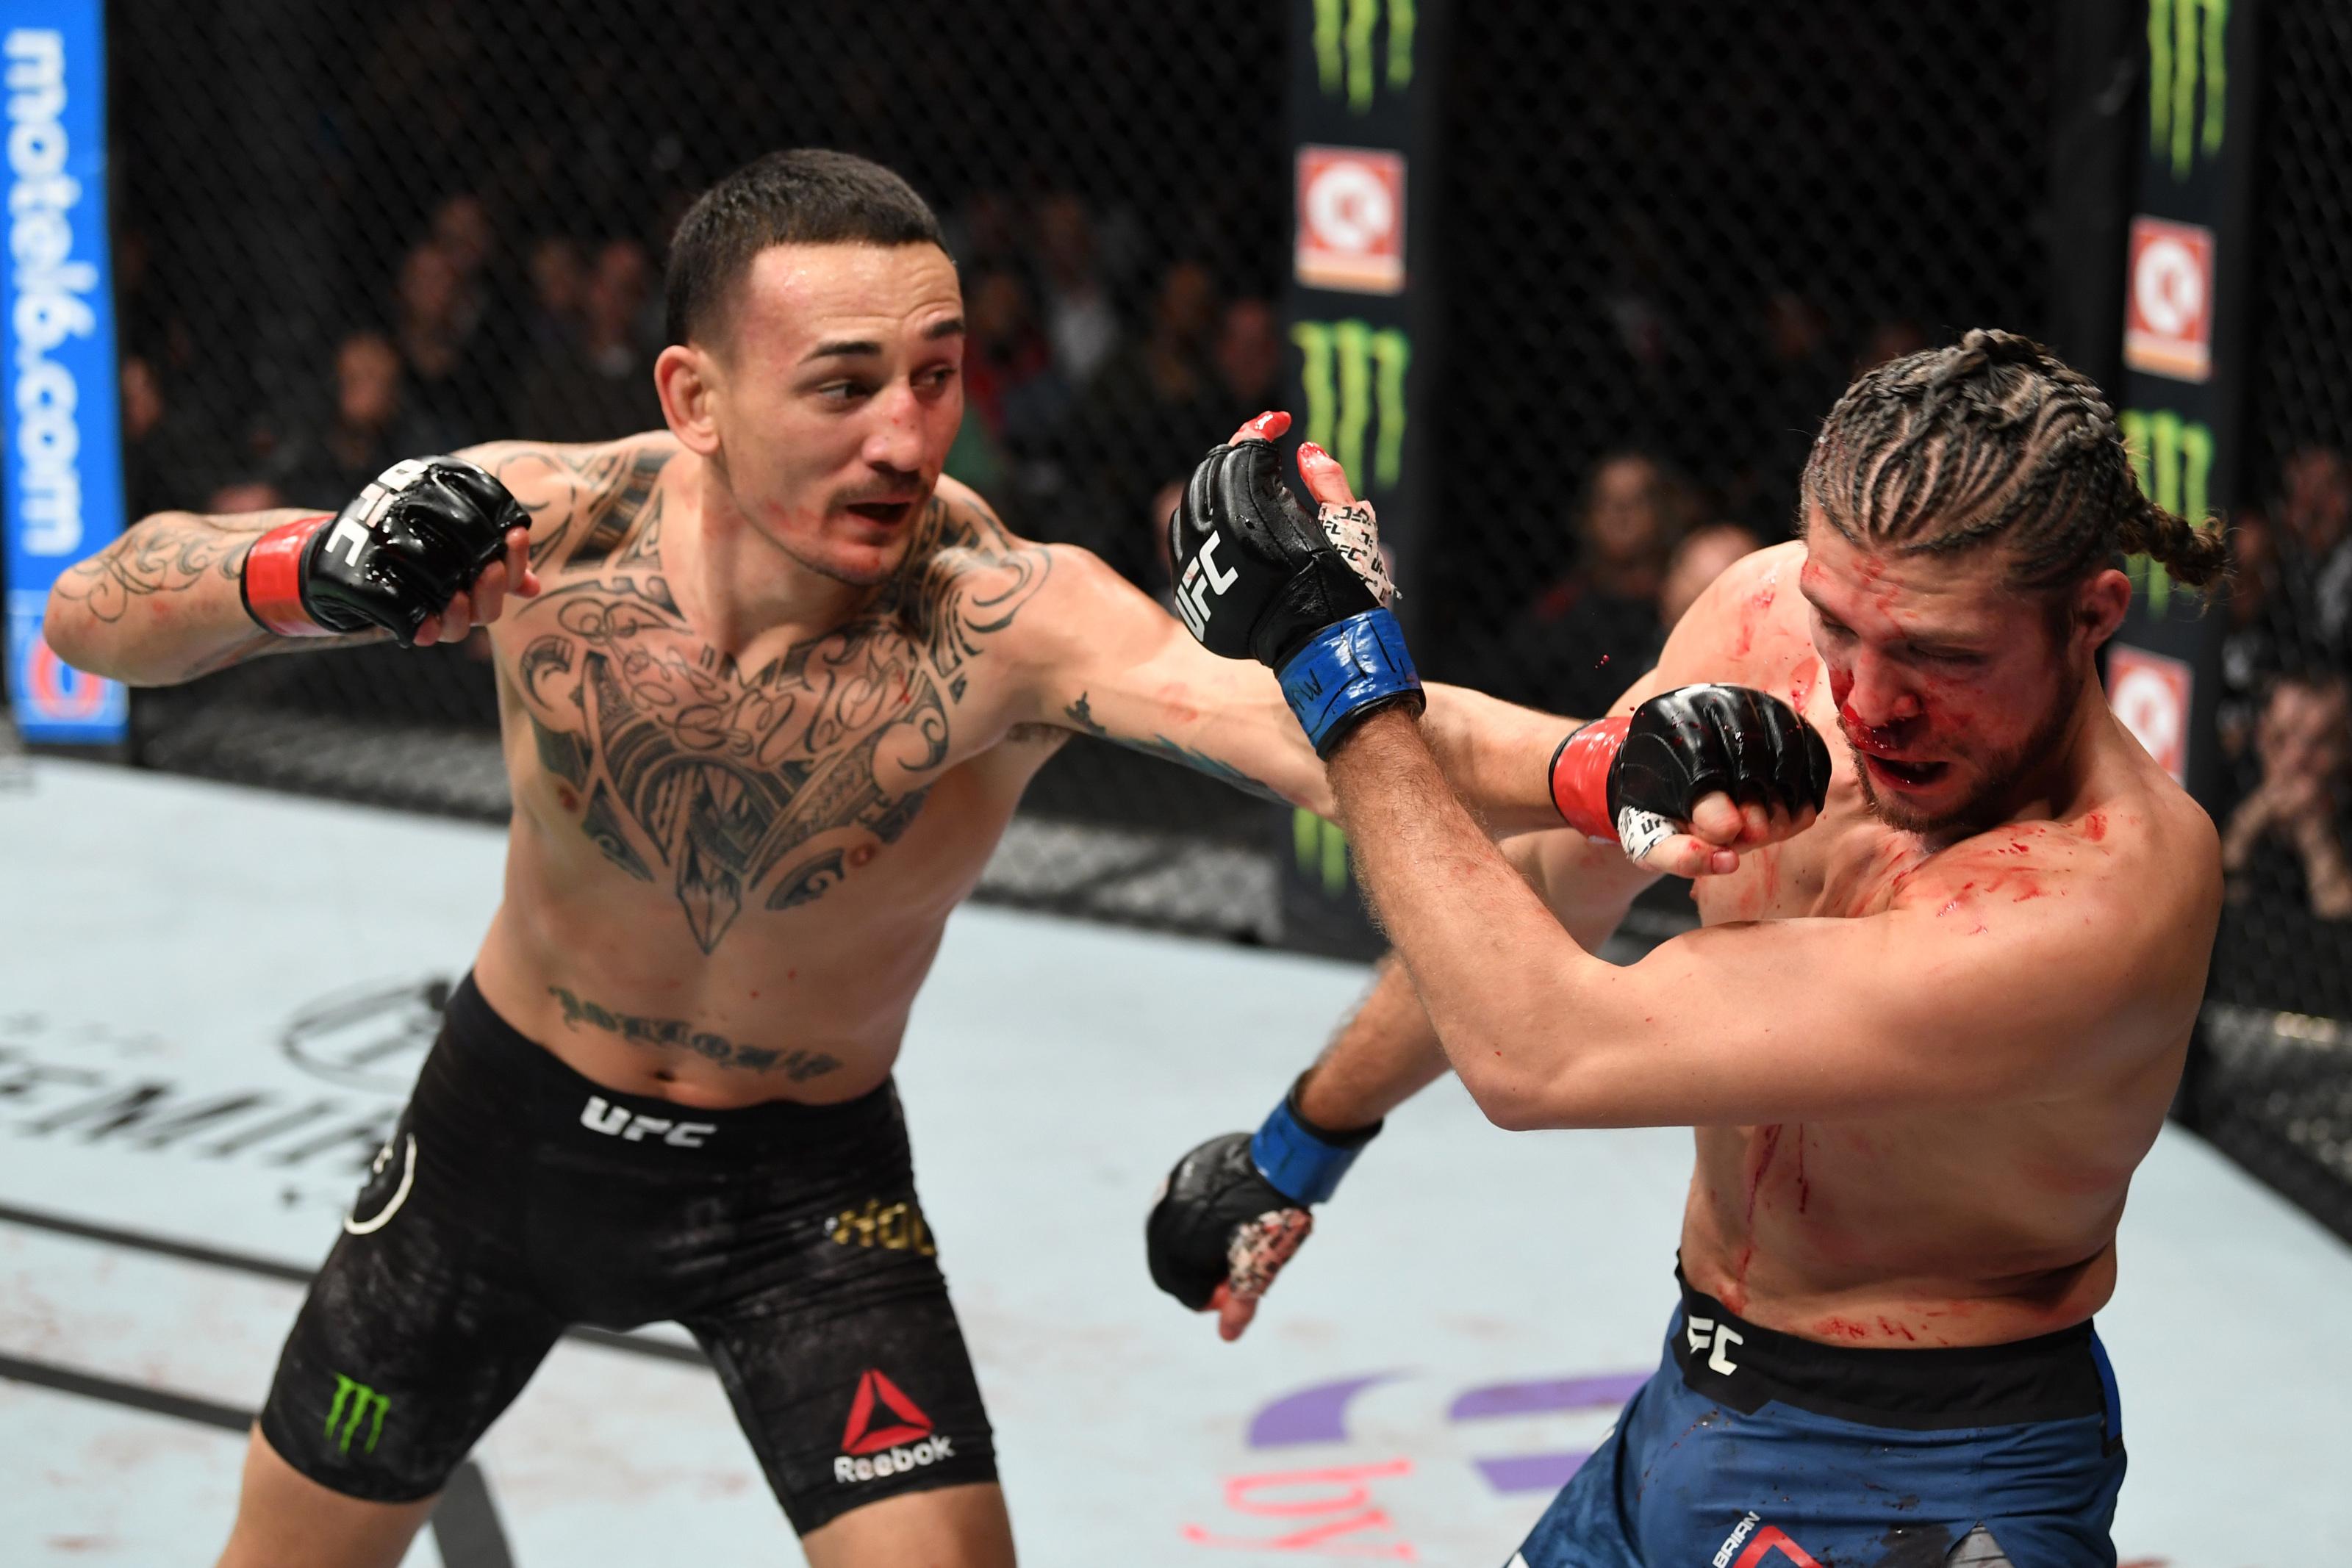 Max Holloway calls his shot, finish Brian Ortega ahead of UFC 236 (VIDEO)